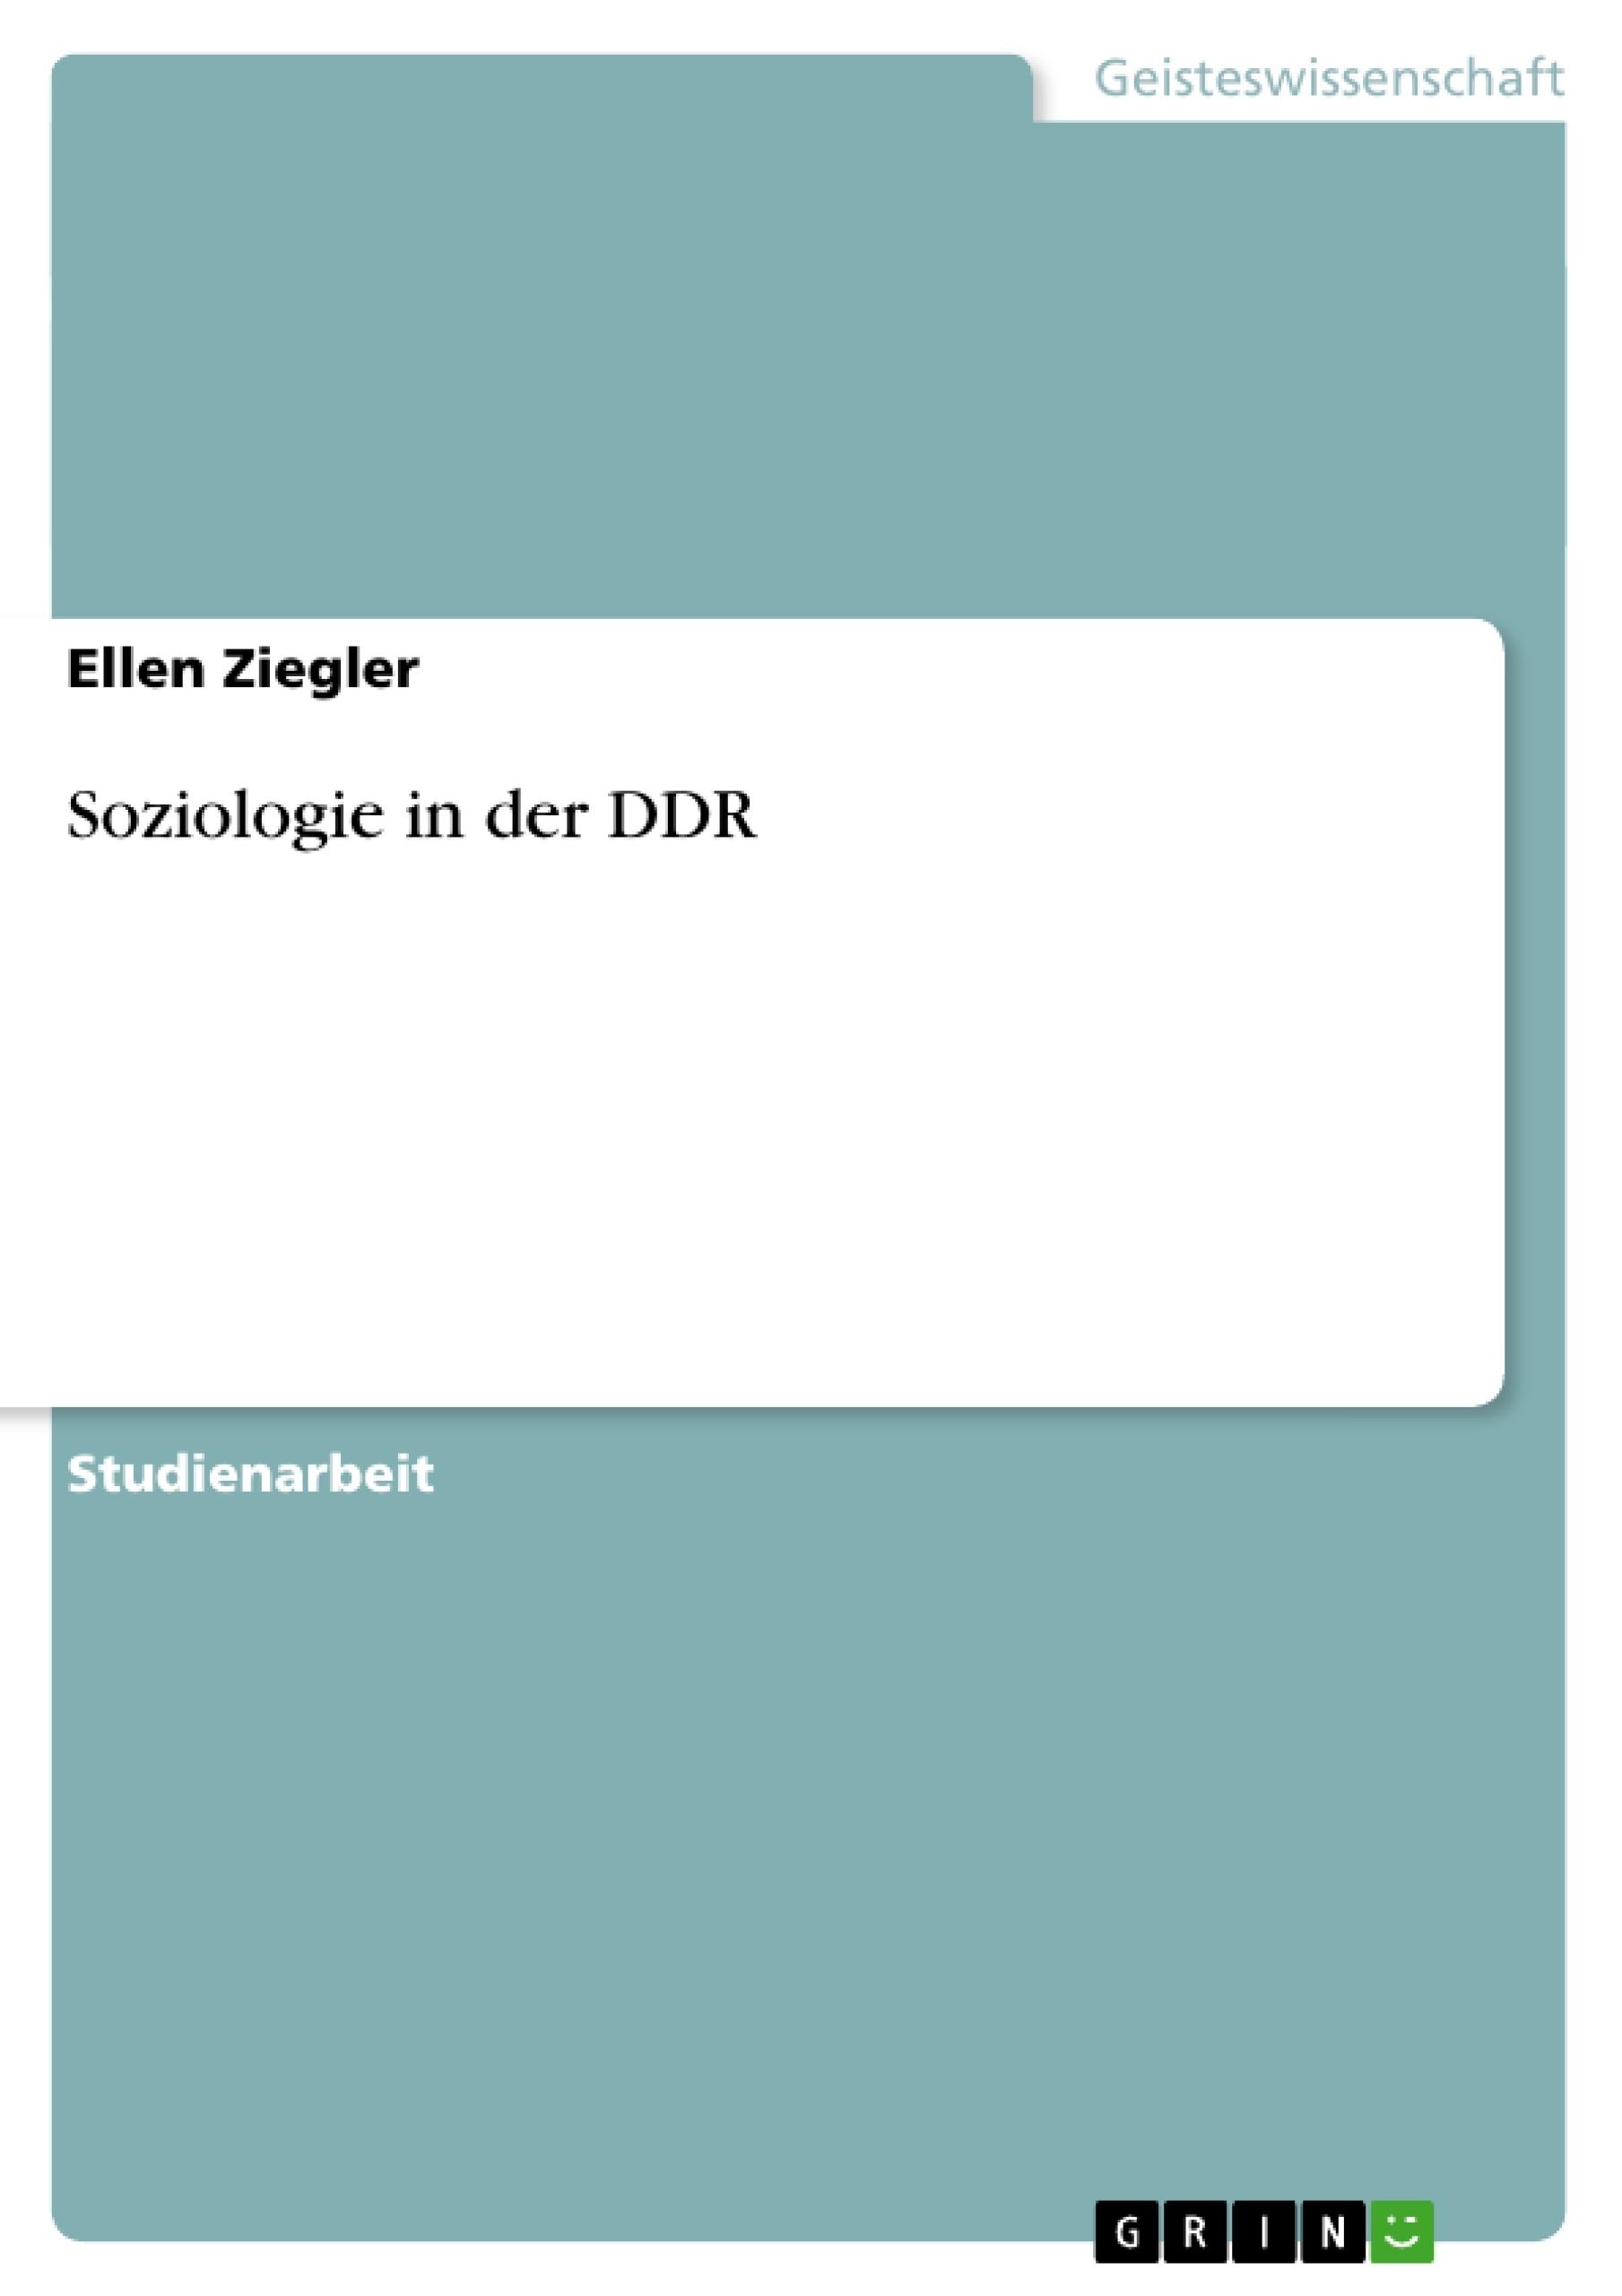 Titel: Soziologie in der DDR